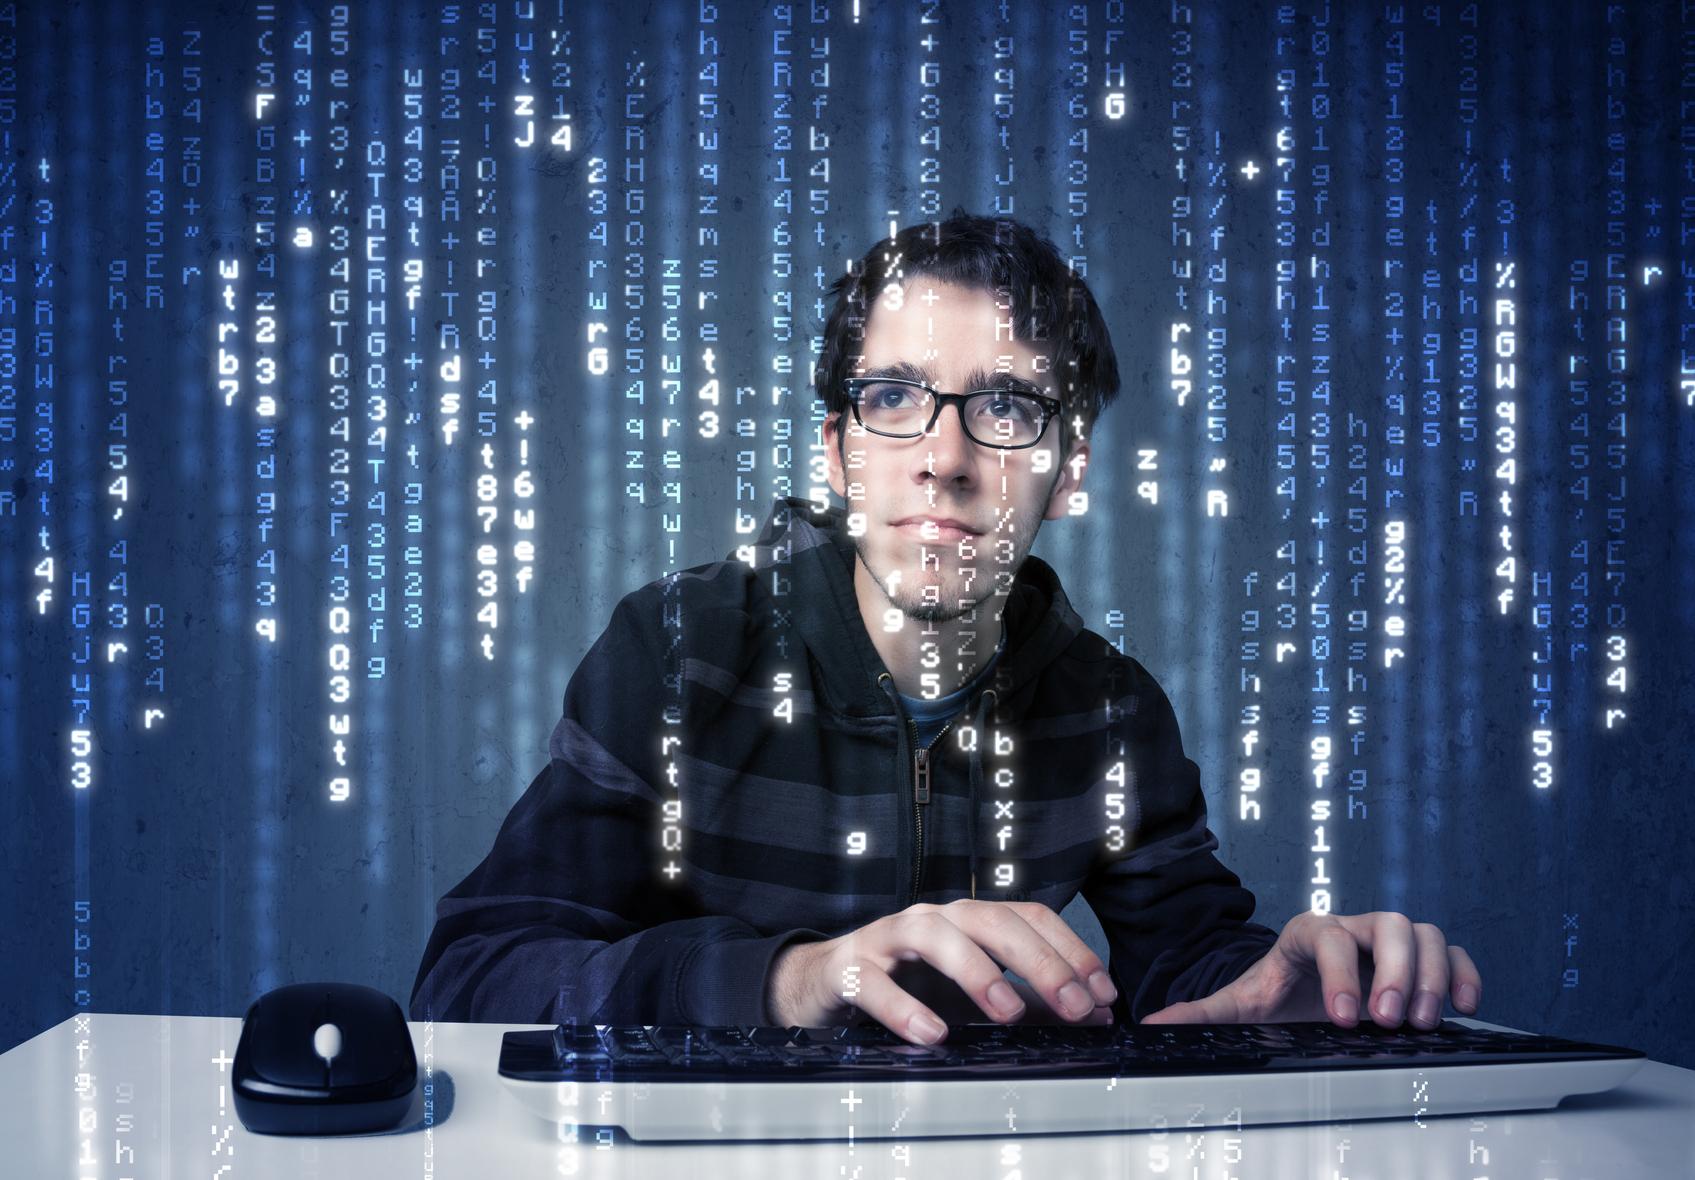 Днем, смешные картинки по информационным технологиям